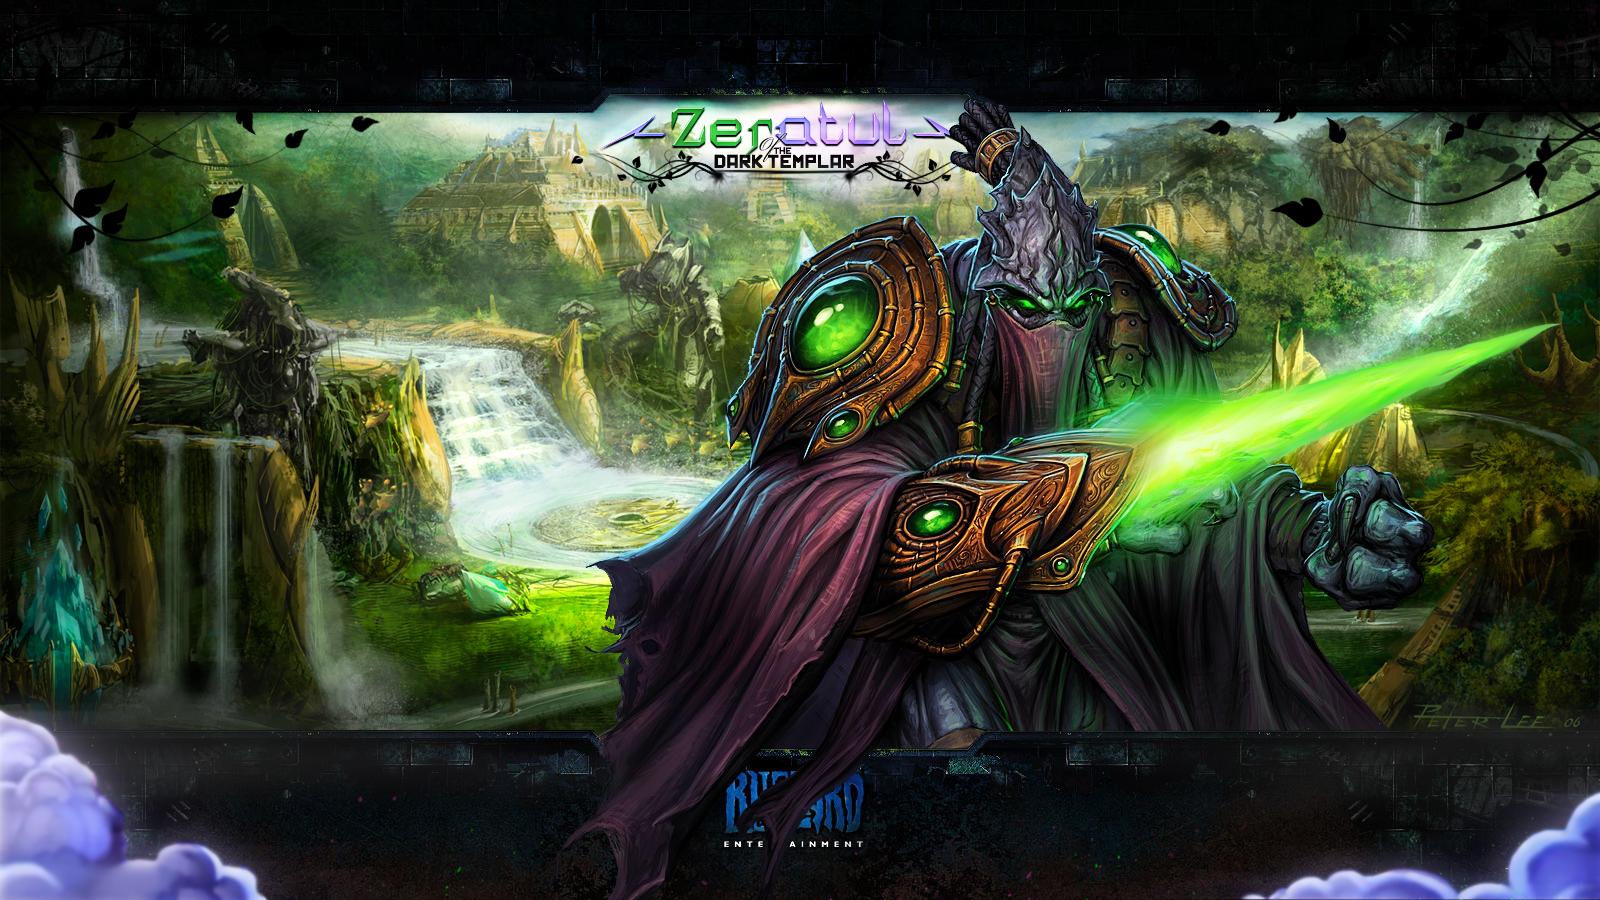 Starcraft ii zeratul wallpaper by c4stillman on deviantart - Starcraft 2 wallpaper art ...